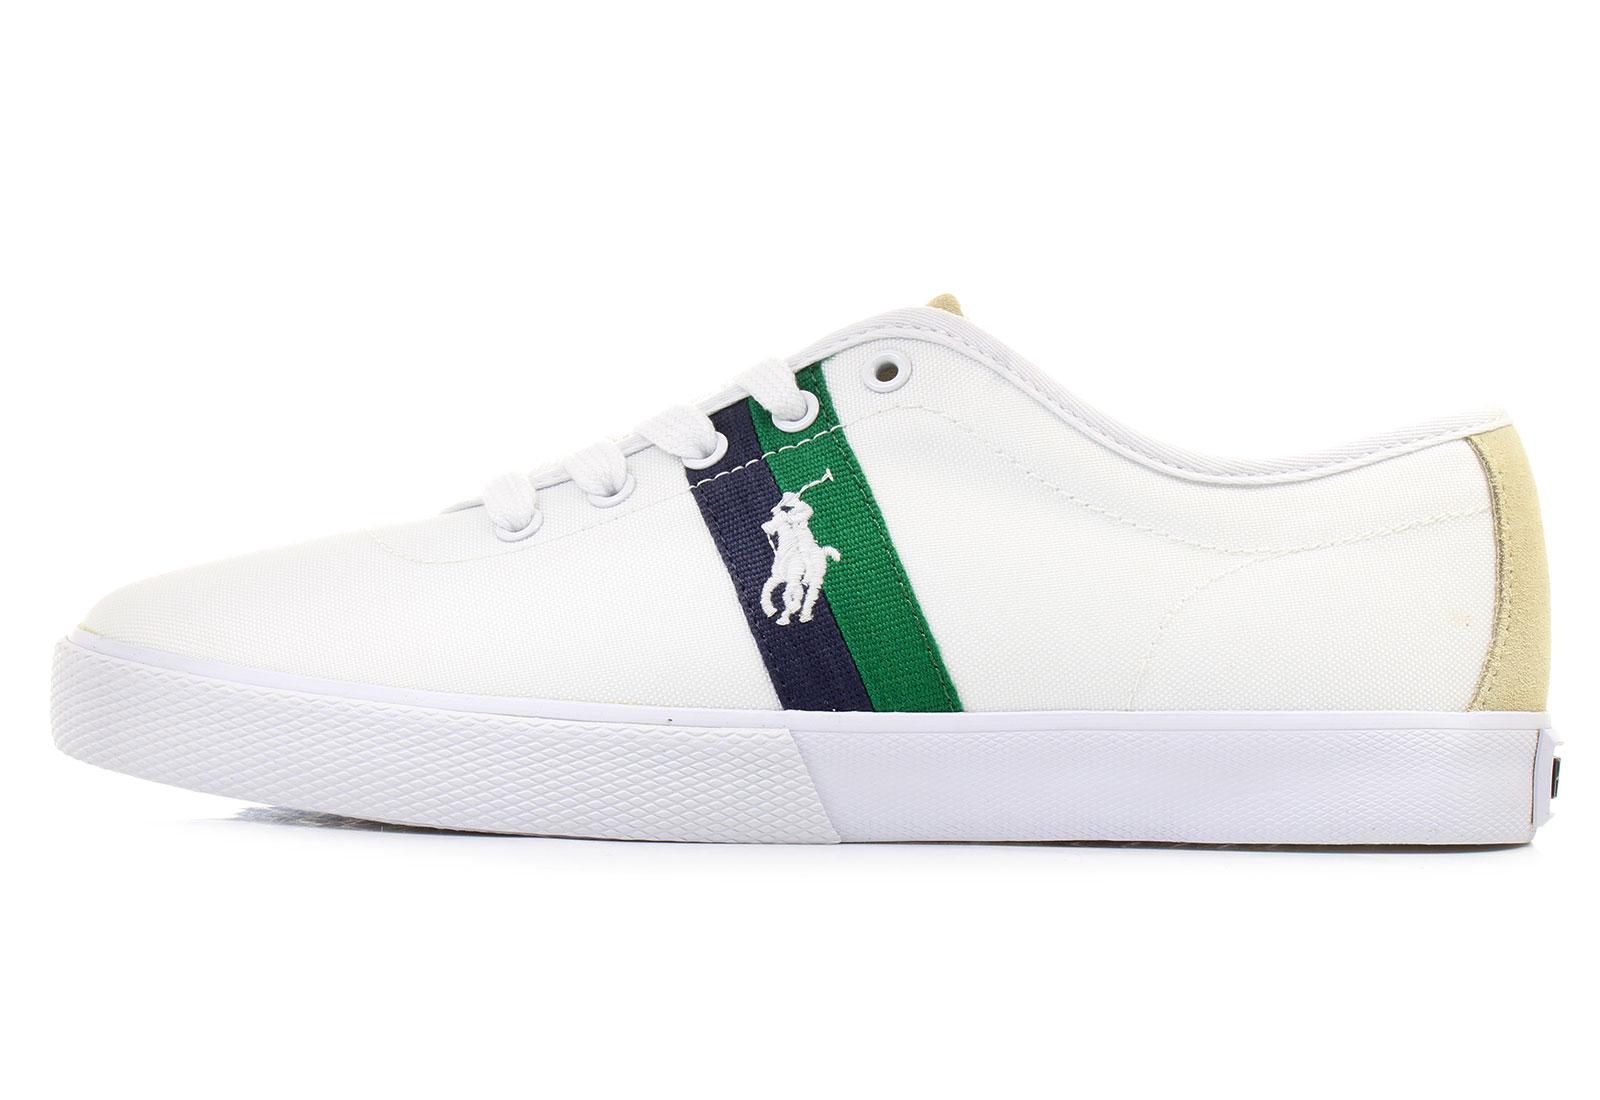 a1e751595c Polo Ralph Lauren Cipő - Halford-ne - APP1-S-A1557 - Office Shoes ...